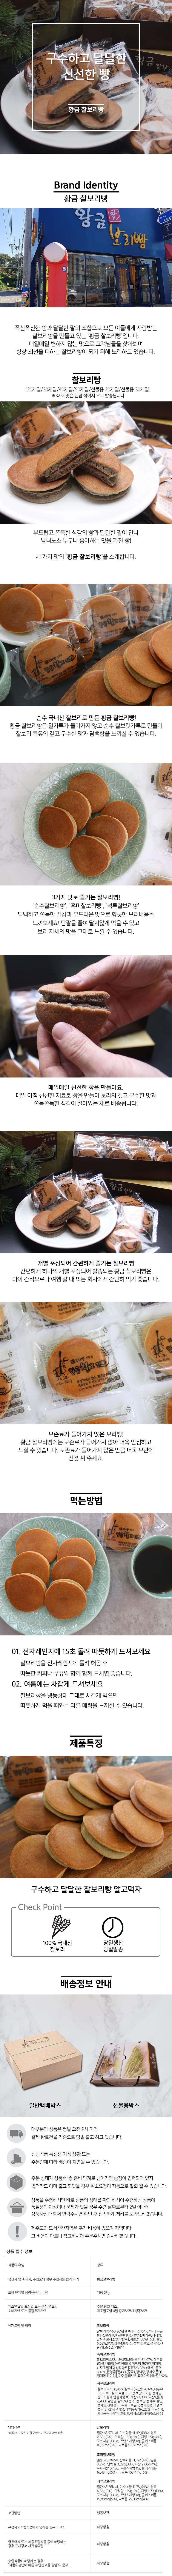 국내산 찰보리로만든 혼합찰보리빵 - 테이스티푸드, 10,900원, 쿠키/케익/빵, 빵